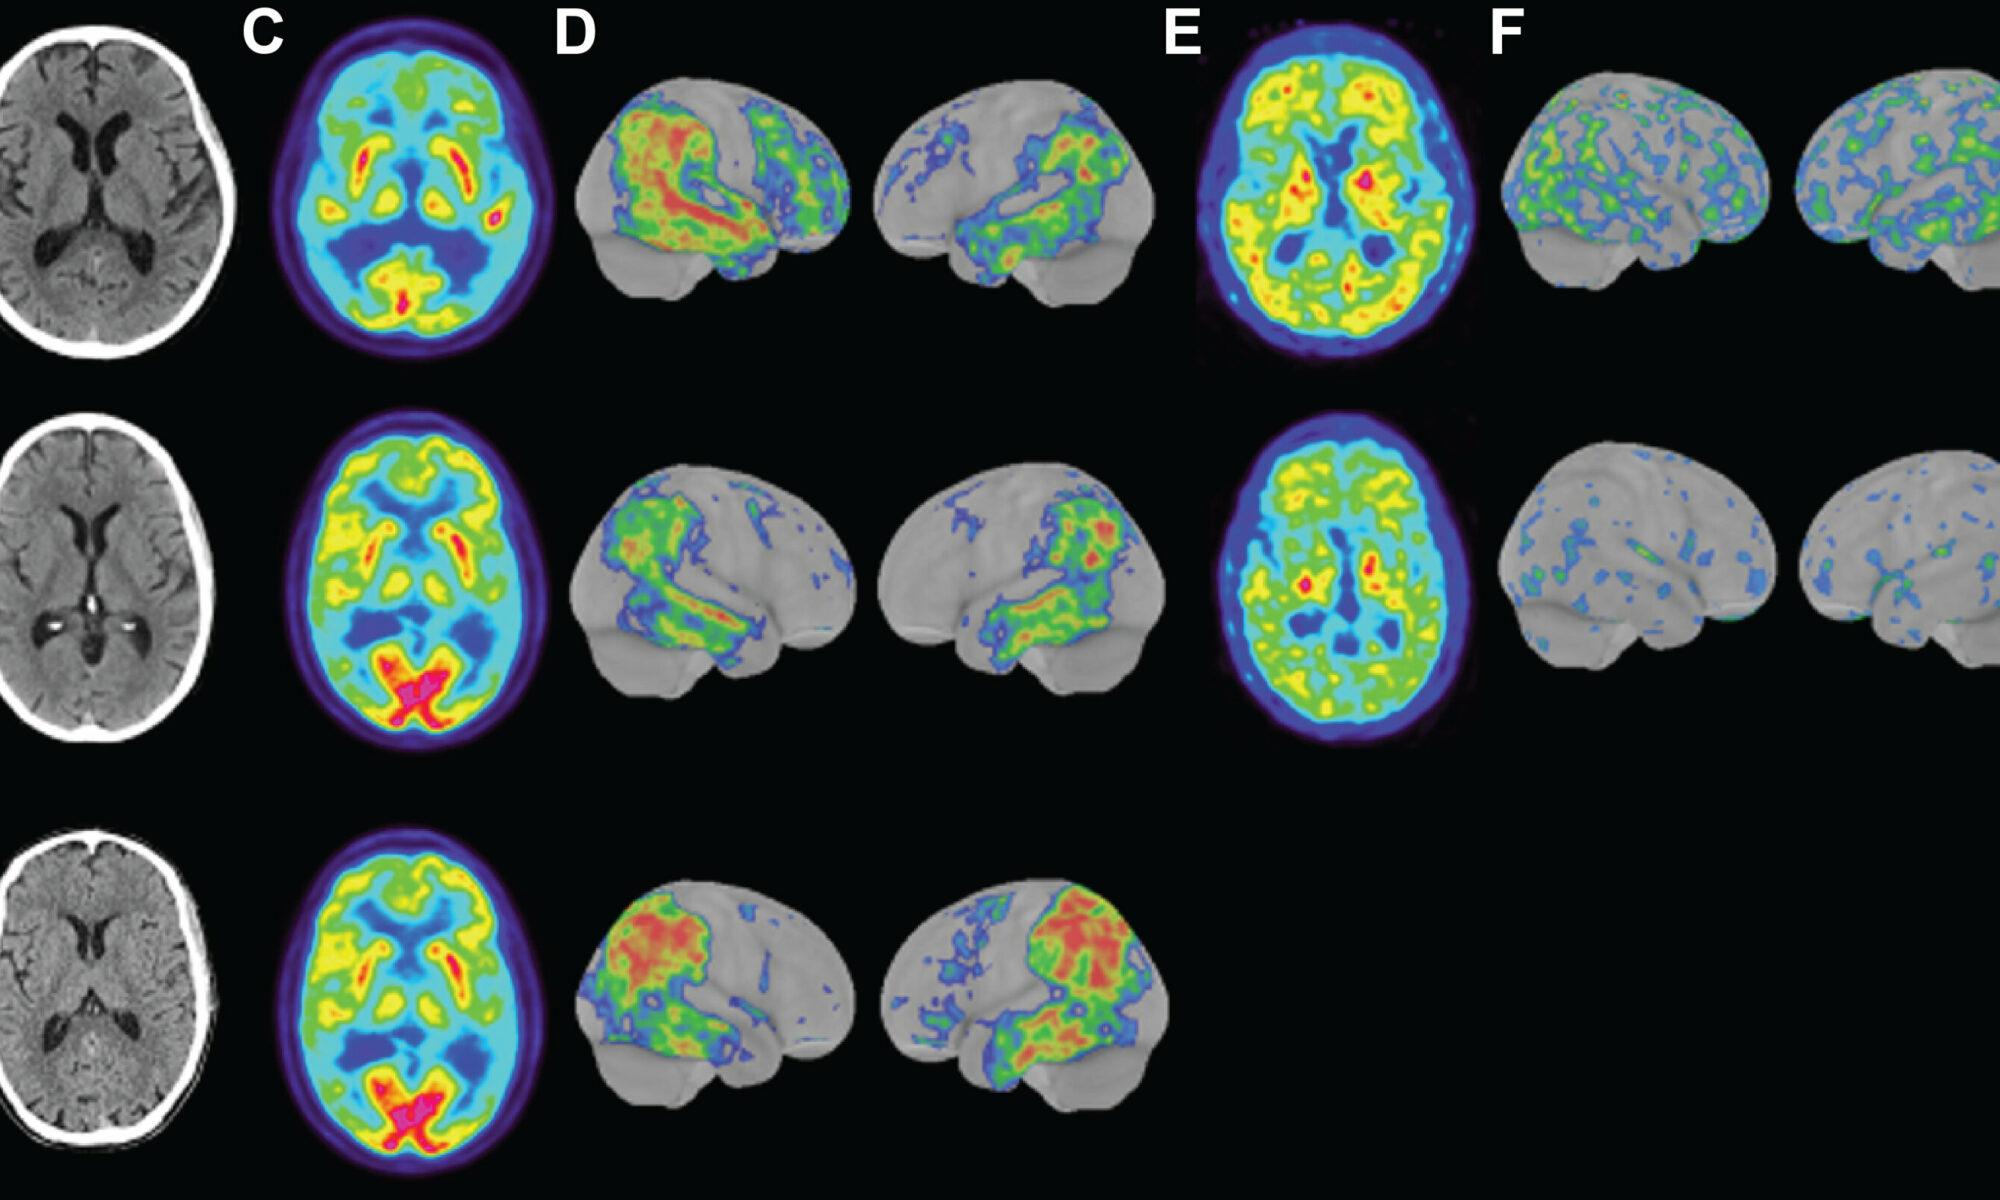 Científicos han identificado una forma rara y agresiva de Alzheimer que inicia a los 40 años de edad